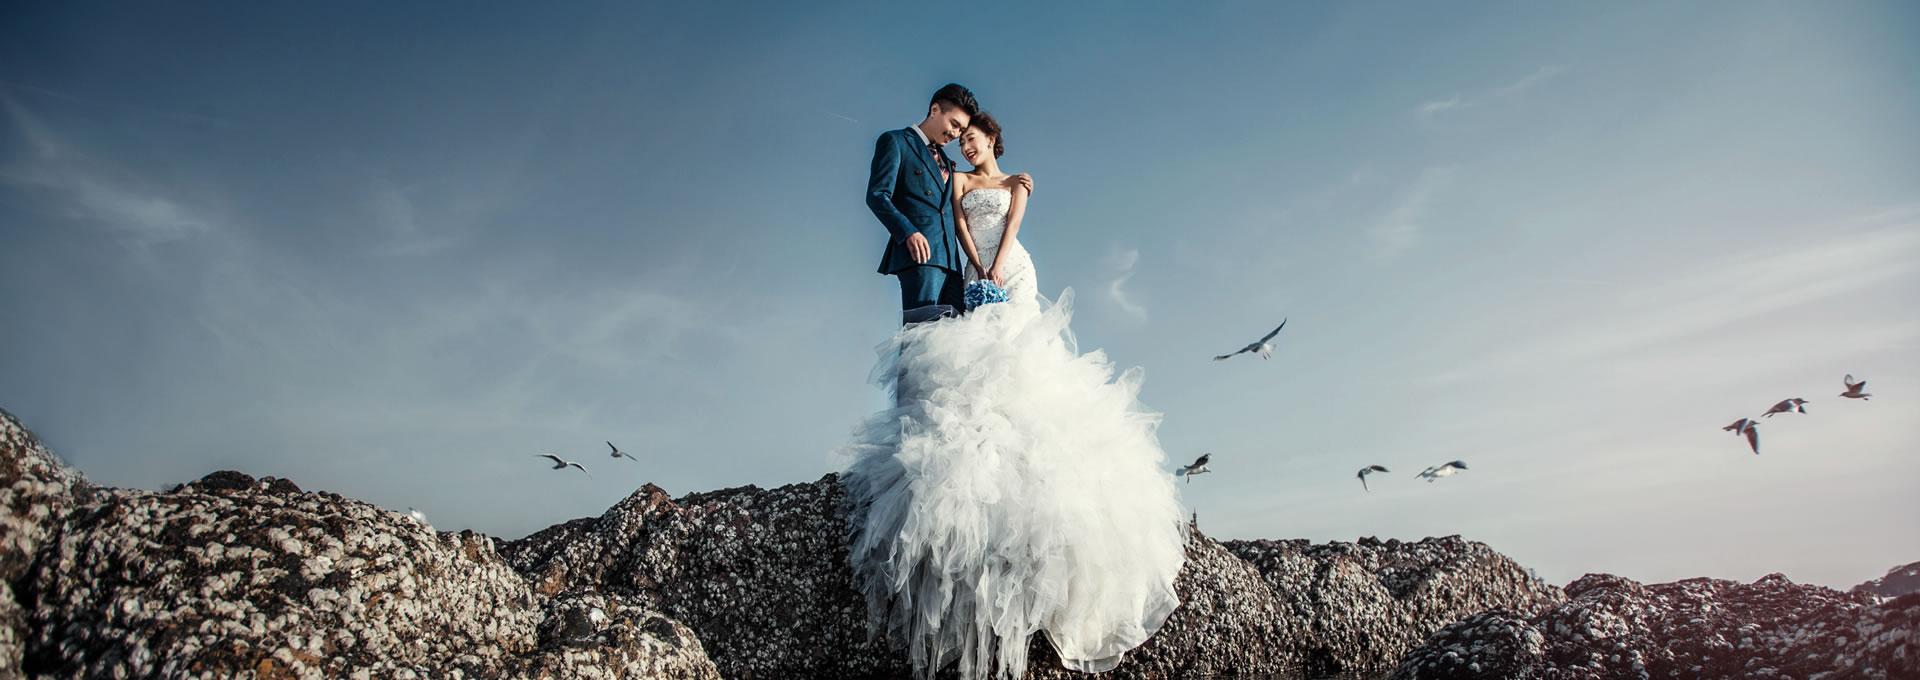 澳洲世纪旅游婚纱摄影基